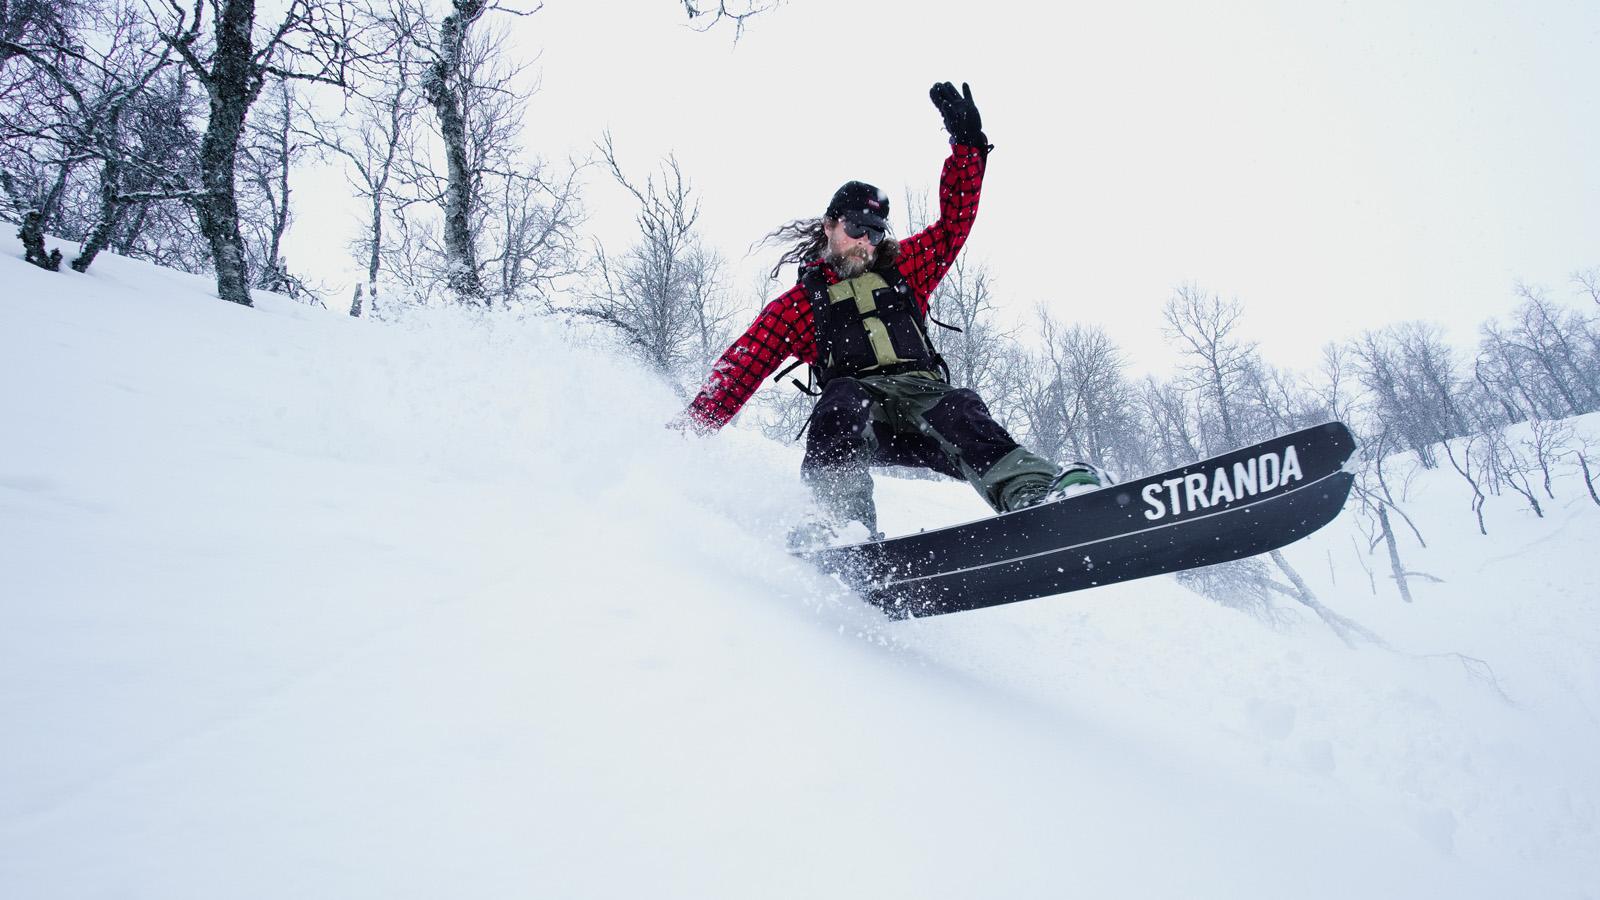 Stranda Snowboards 21/22 Splitboard Hardgoods Preview